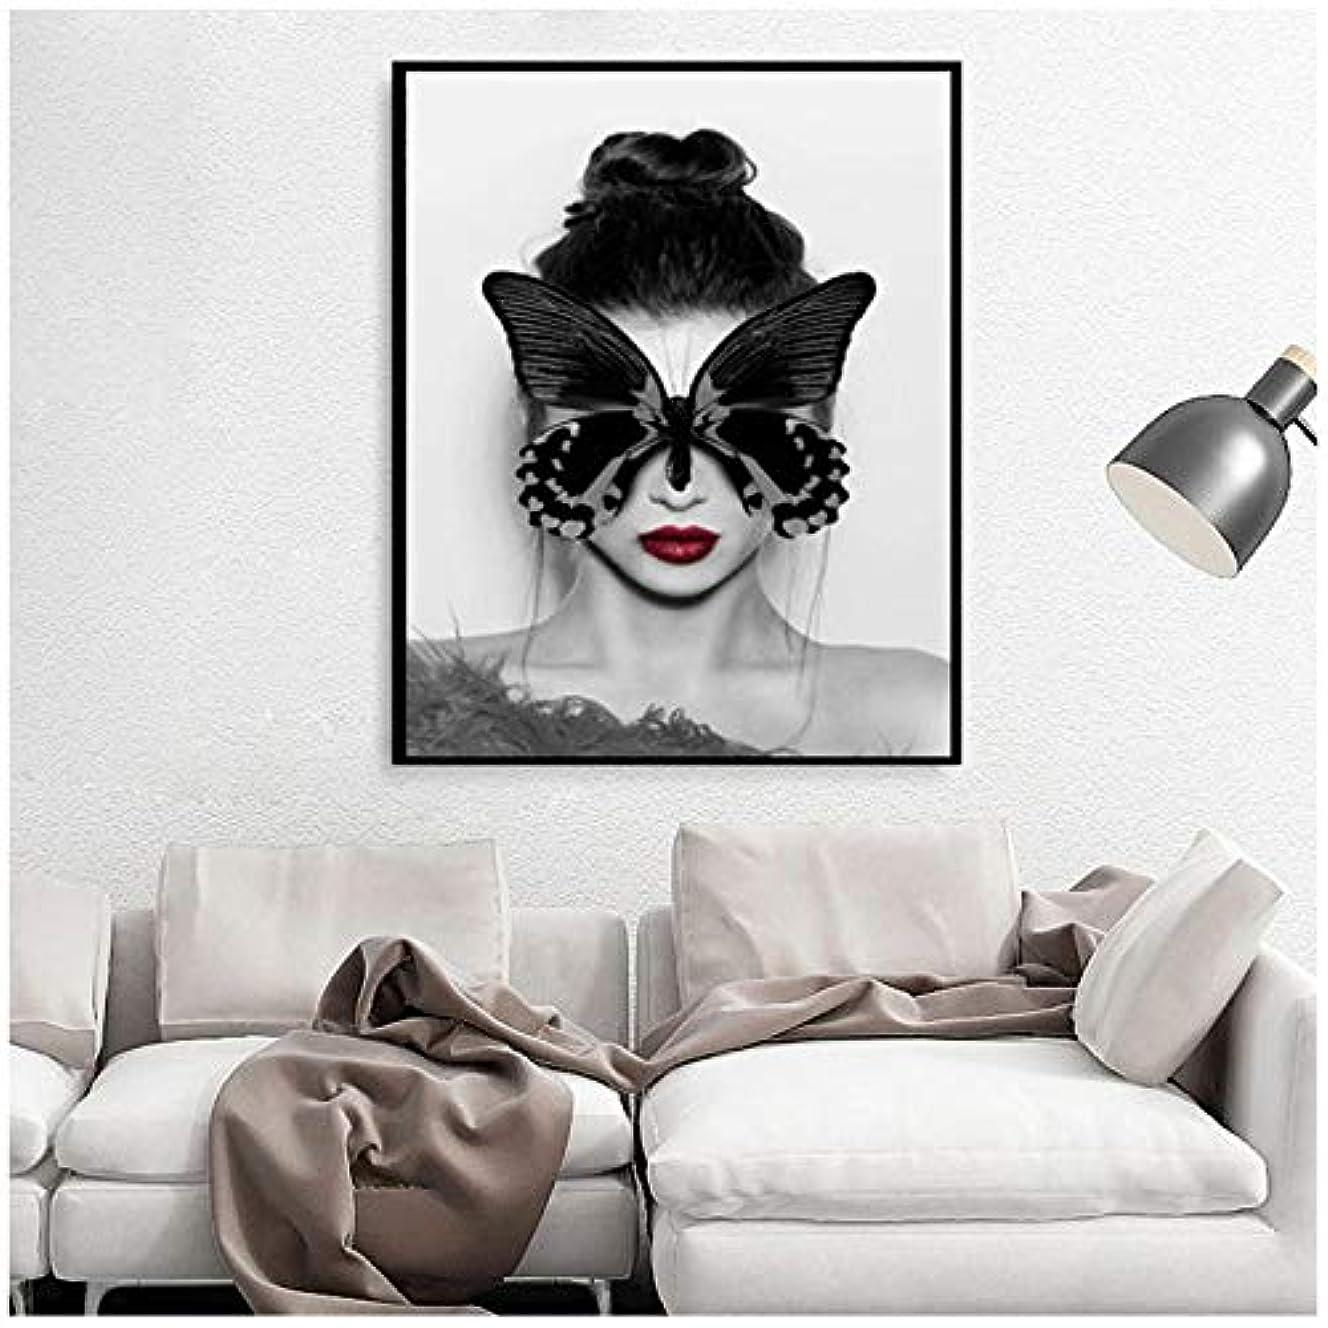 法的脊椎足キャンバス絵画ブラックアートポートレートポスター抽象的なセクシーな女の子と蝶の壁アート写真用リビングルームホームインテリア/ 50x60cm-フレームなし